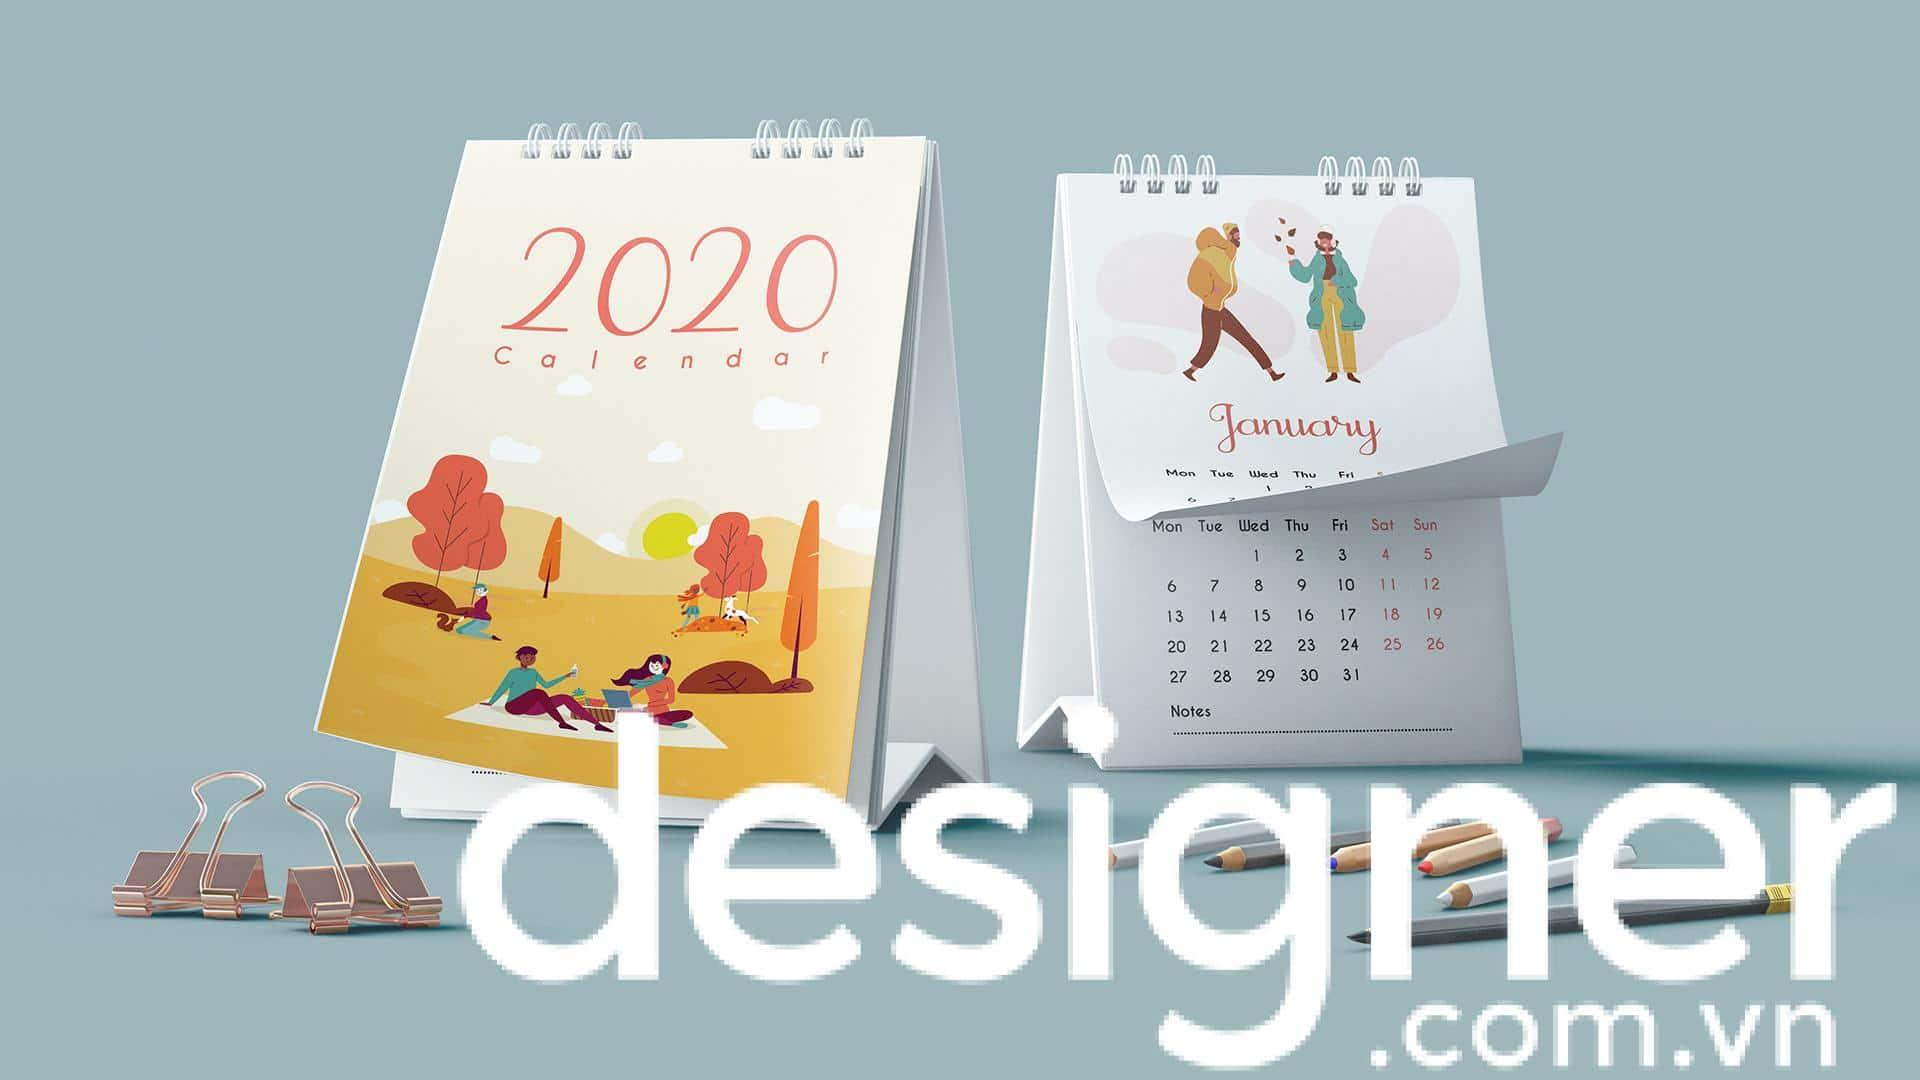 Top 6 phong cách thiết kế lịch để bàn